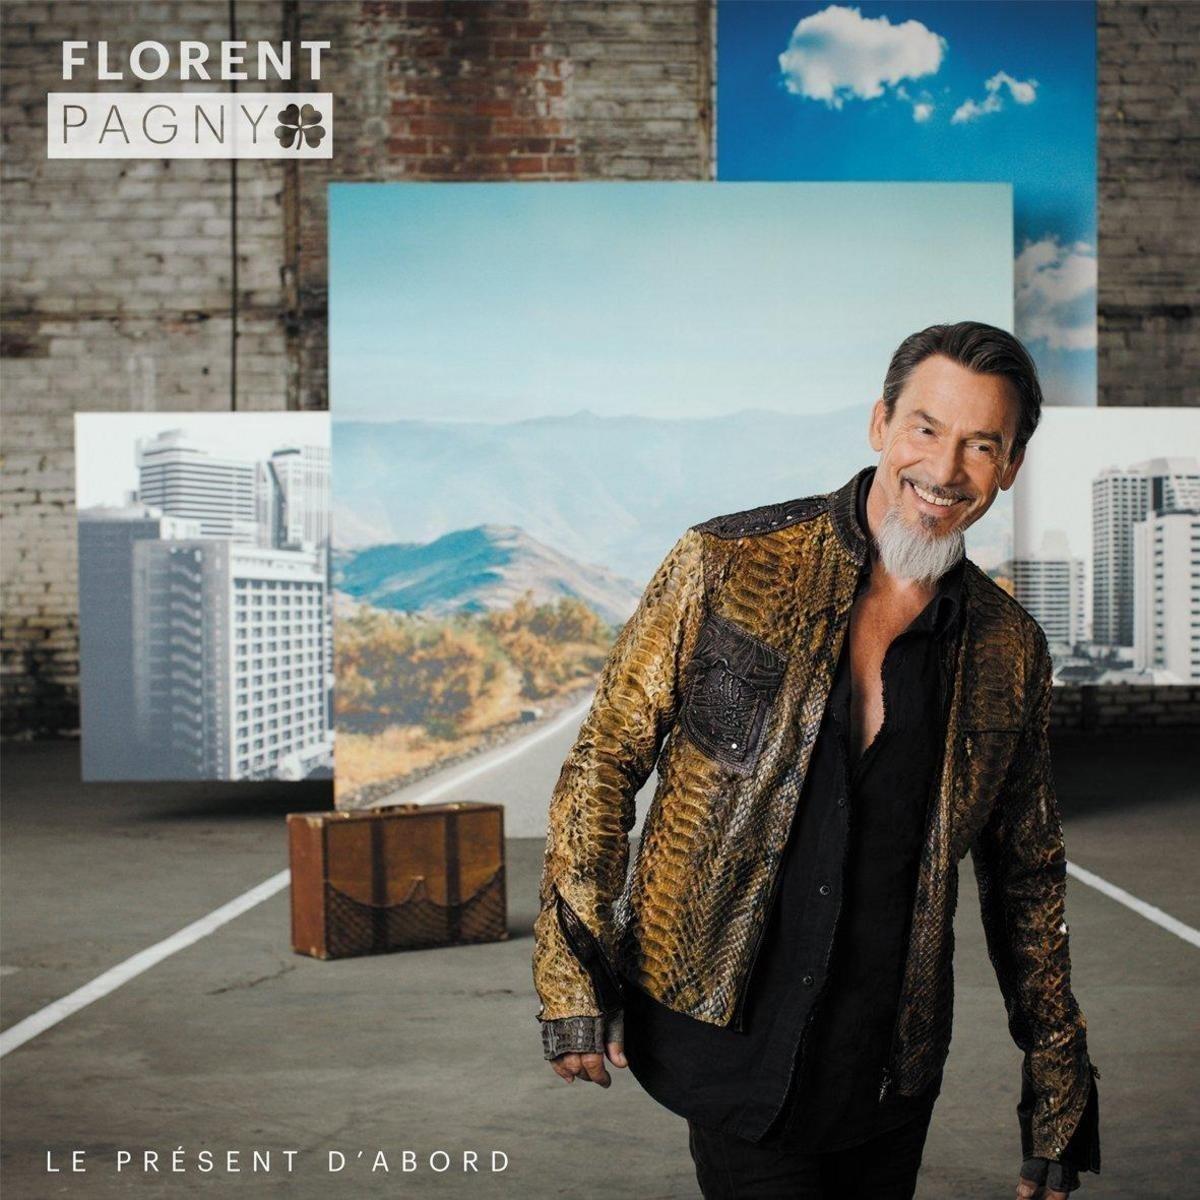 PRÉSENT TÉLÉCHARGER FLORENT GRATUITEMENT LE PAGNY ALBUM DABORD